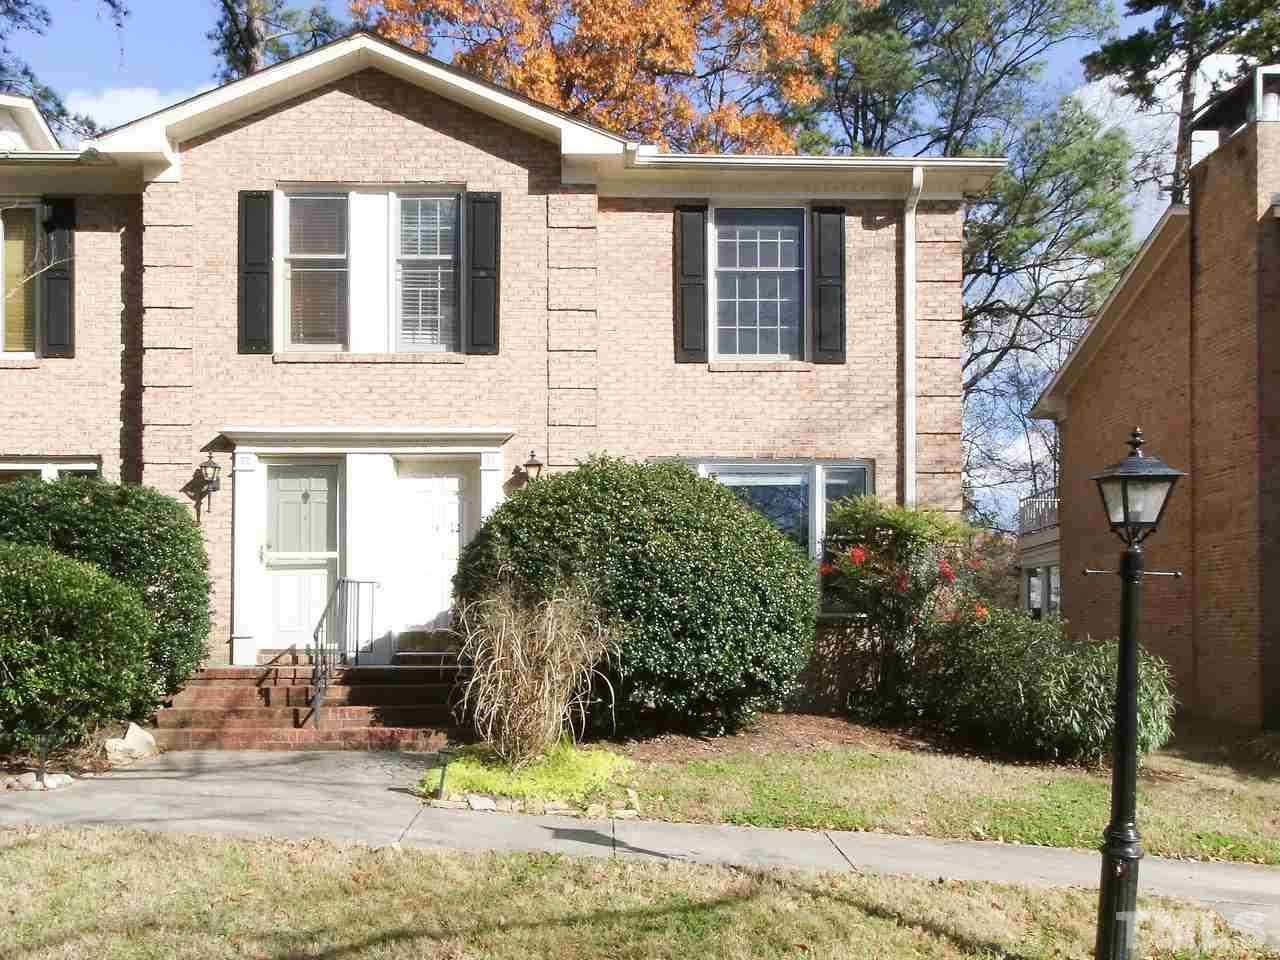 1515 E Franklin Street #31 Chapel Hill, NC 27514 | MLS 2227125 Photo 1